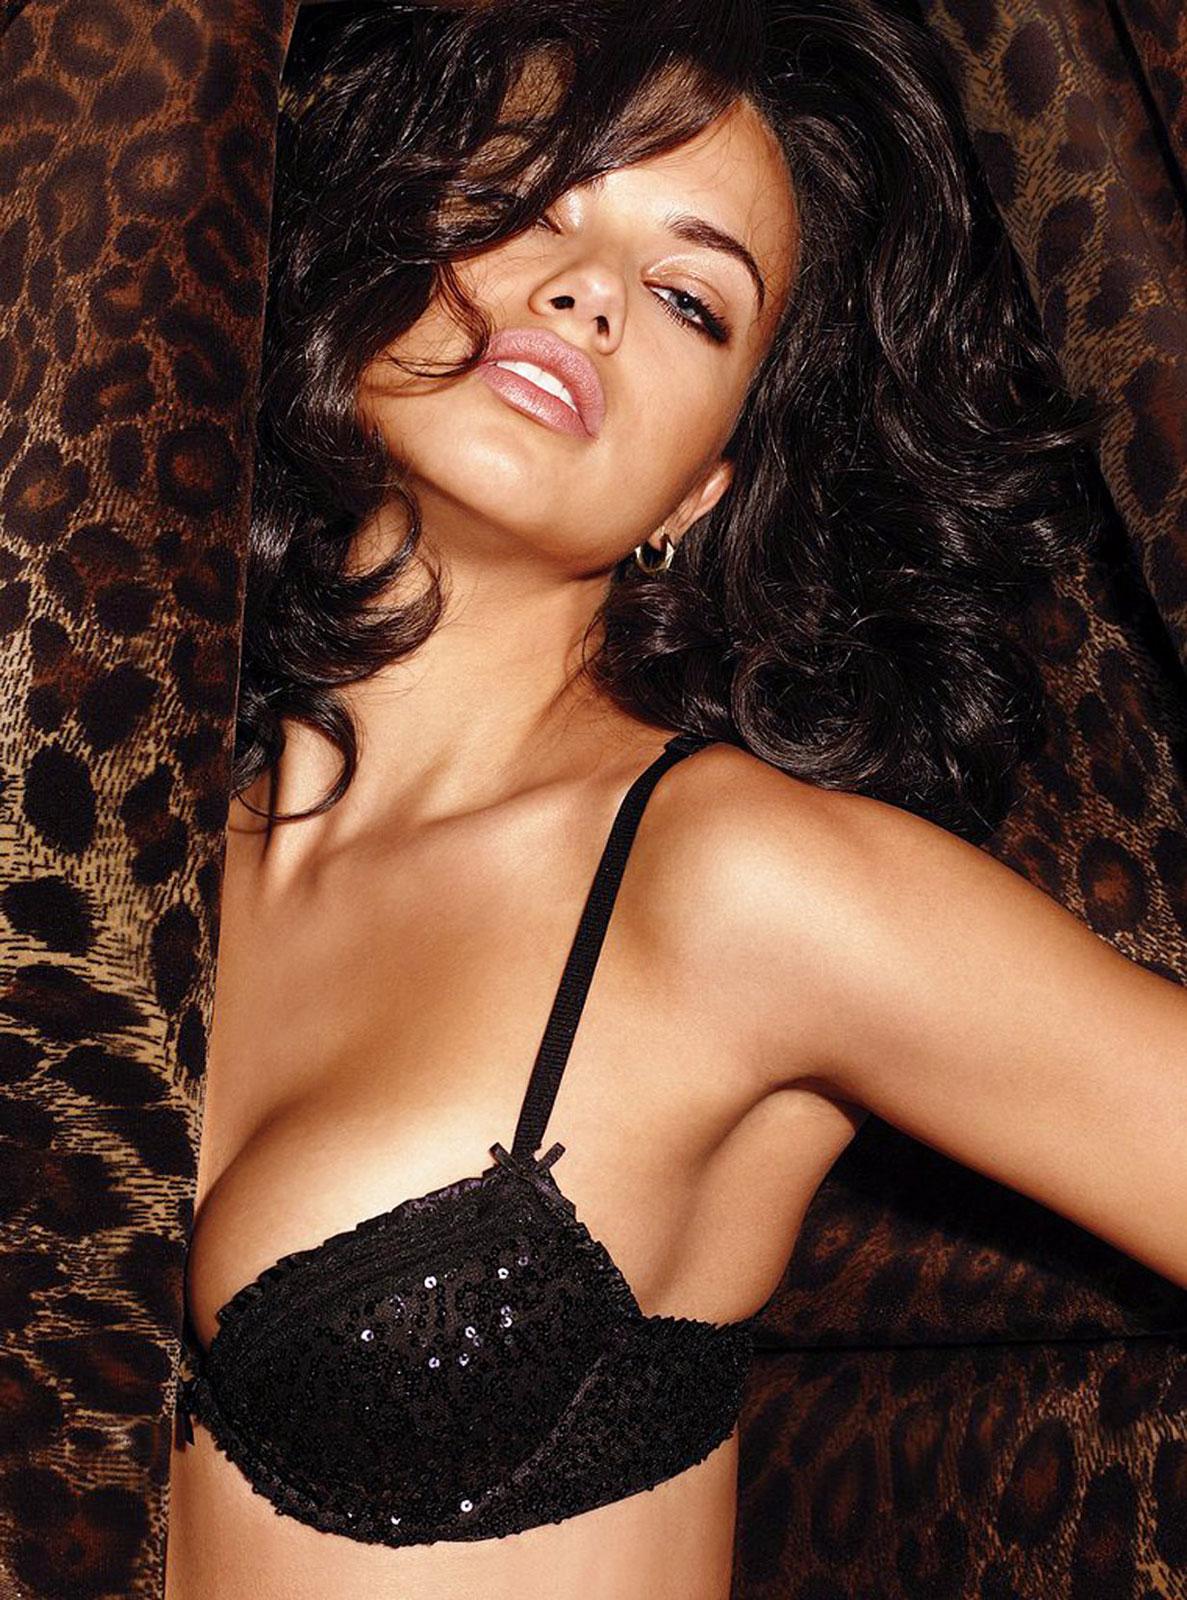 http://1.bp.blogspot.com/-z9vfwV37c8I/T0kORX-mm5I/AAAAAAAAYa4/i5pp-vjYG5E/s1600/Adriana+Lima++(9).jpg